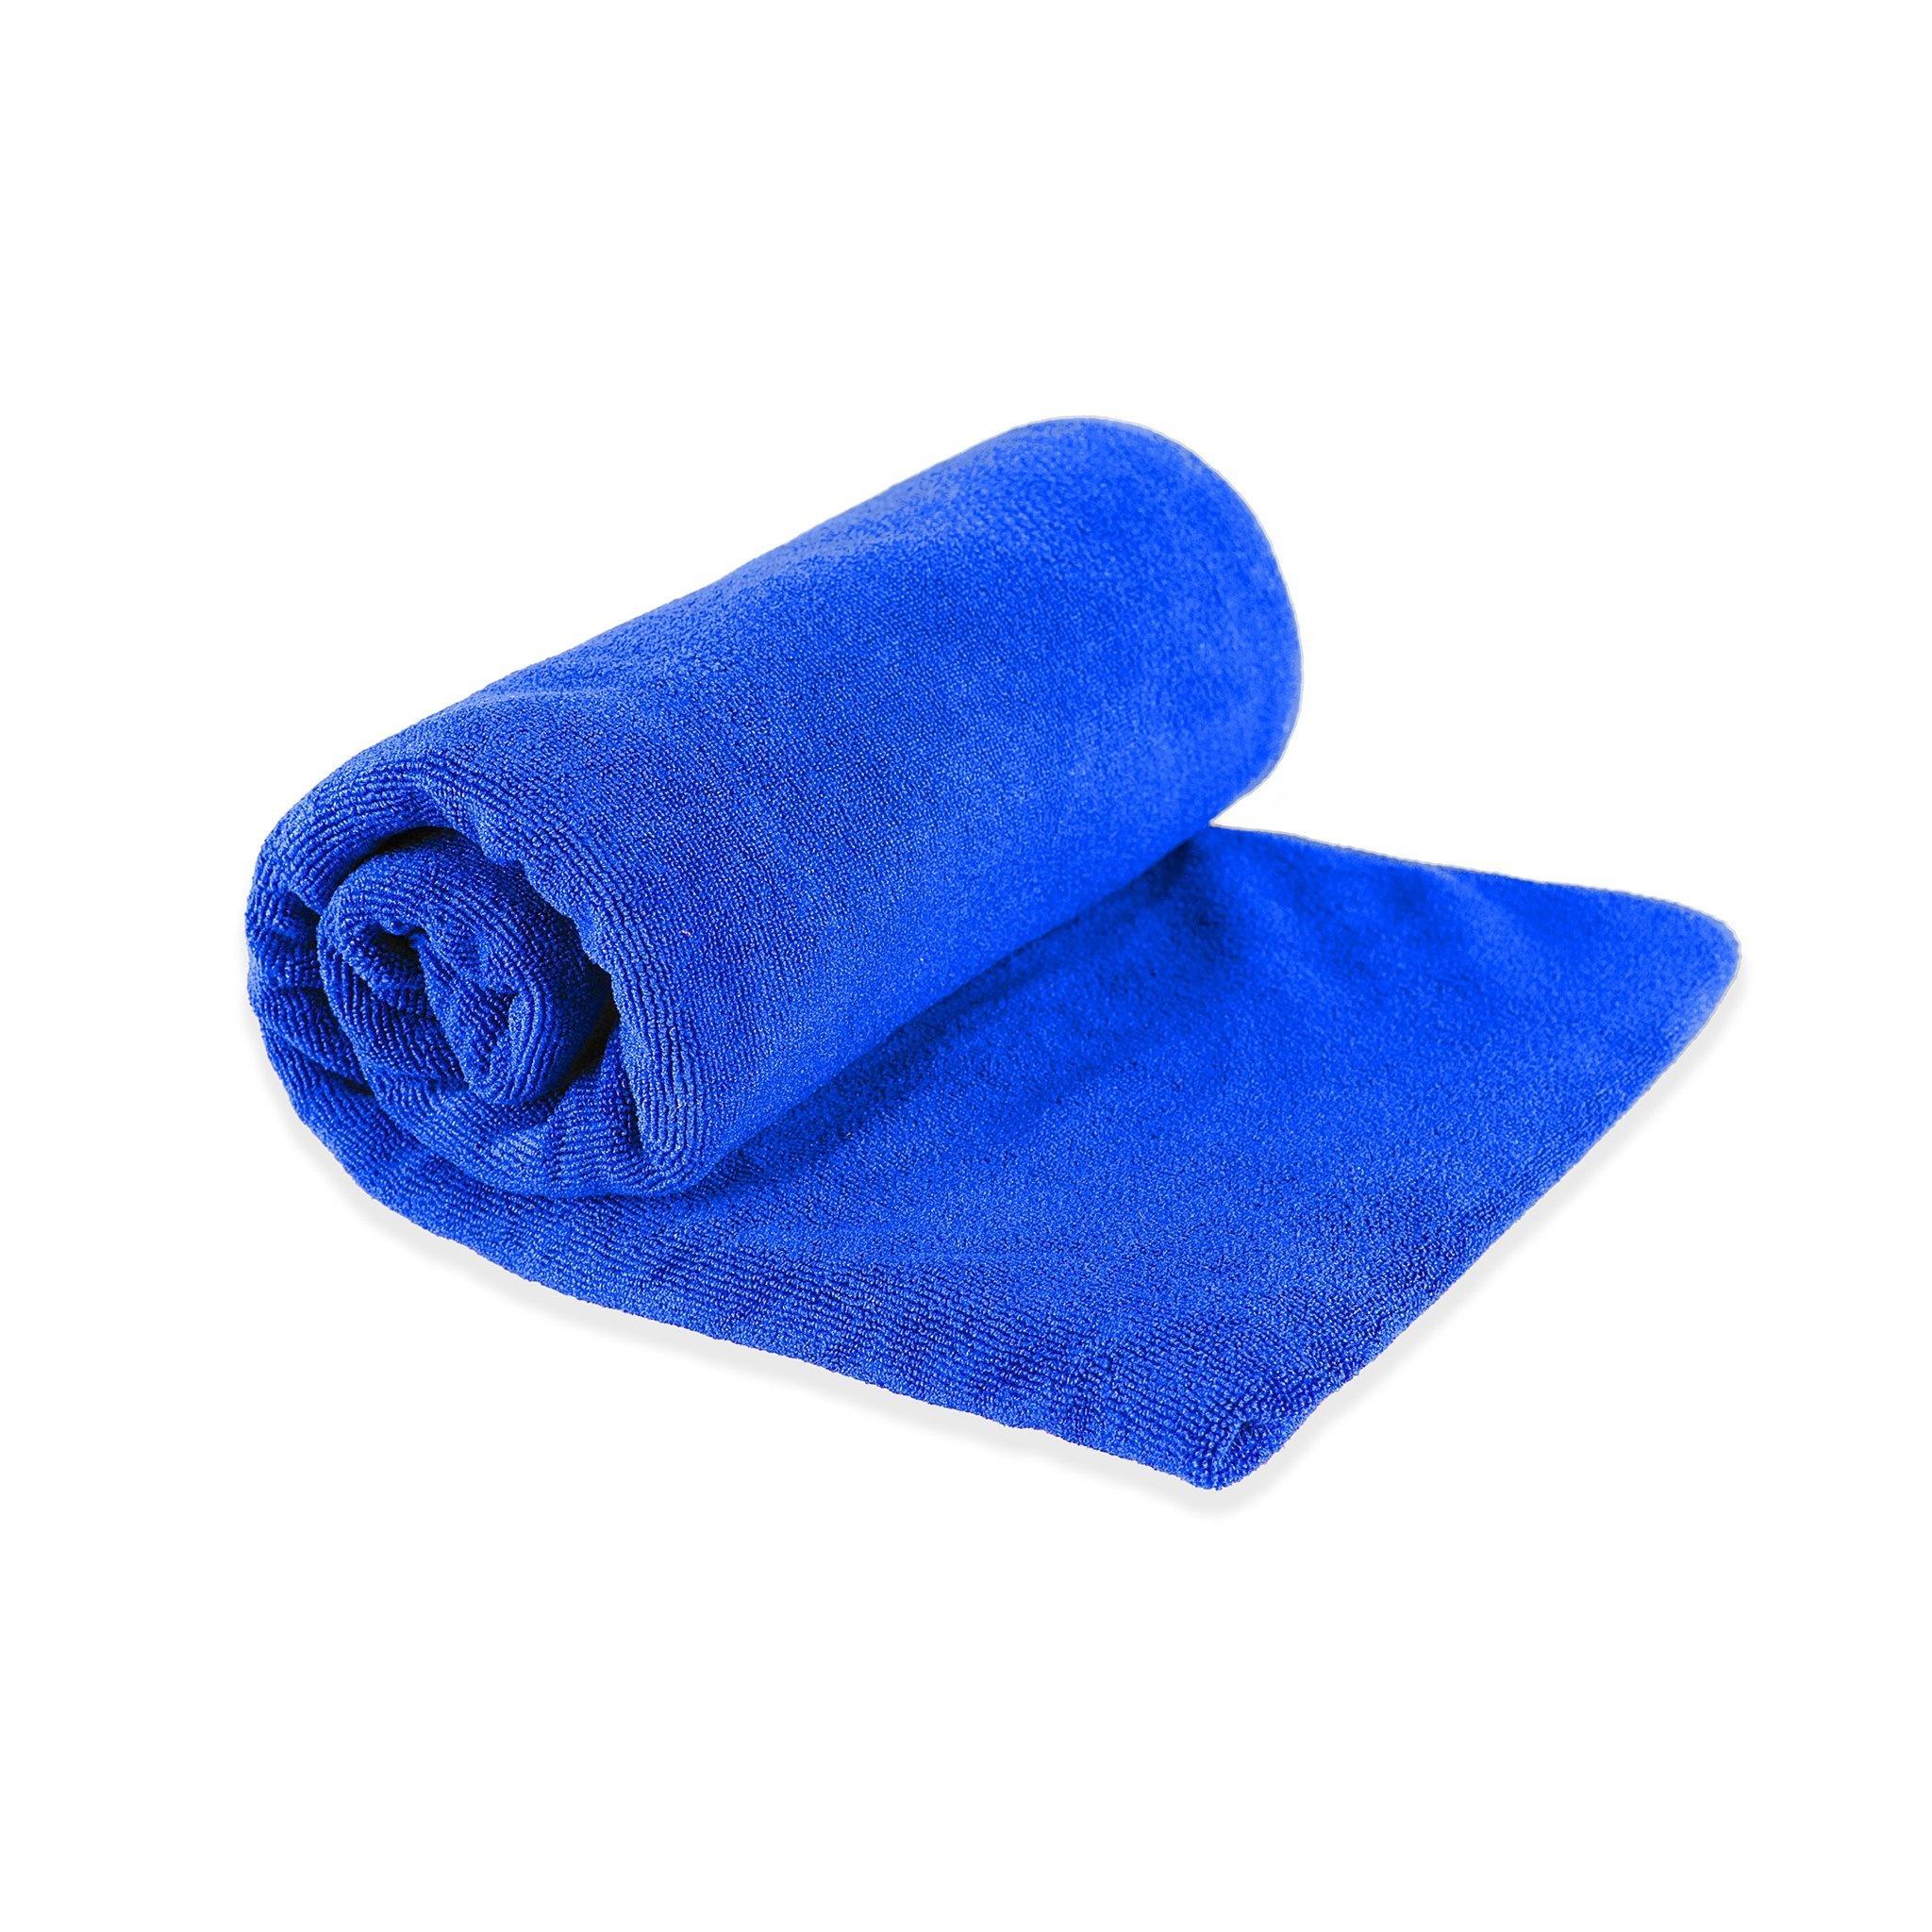 Tek Towel, Small-3